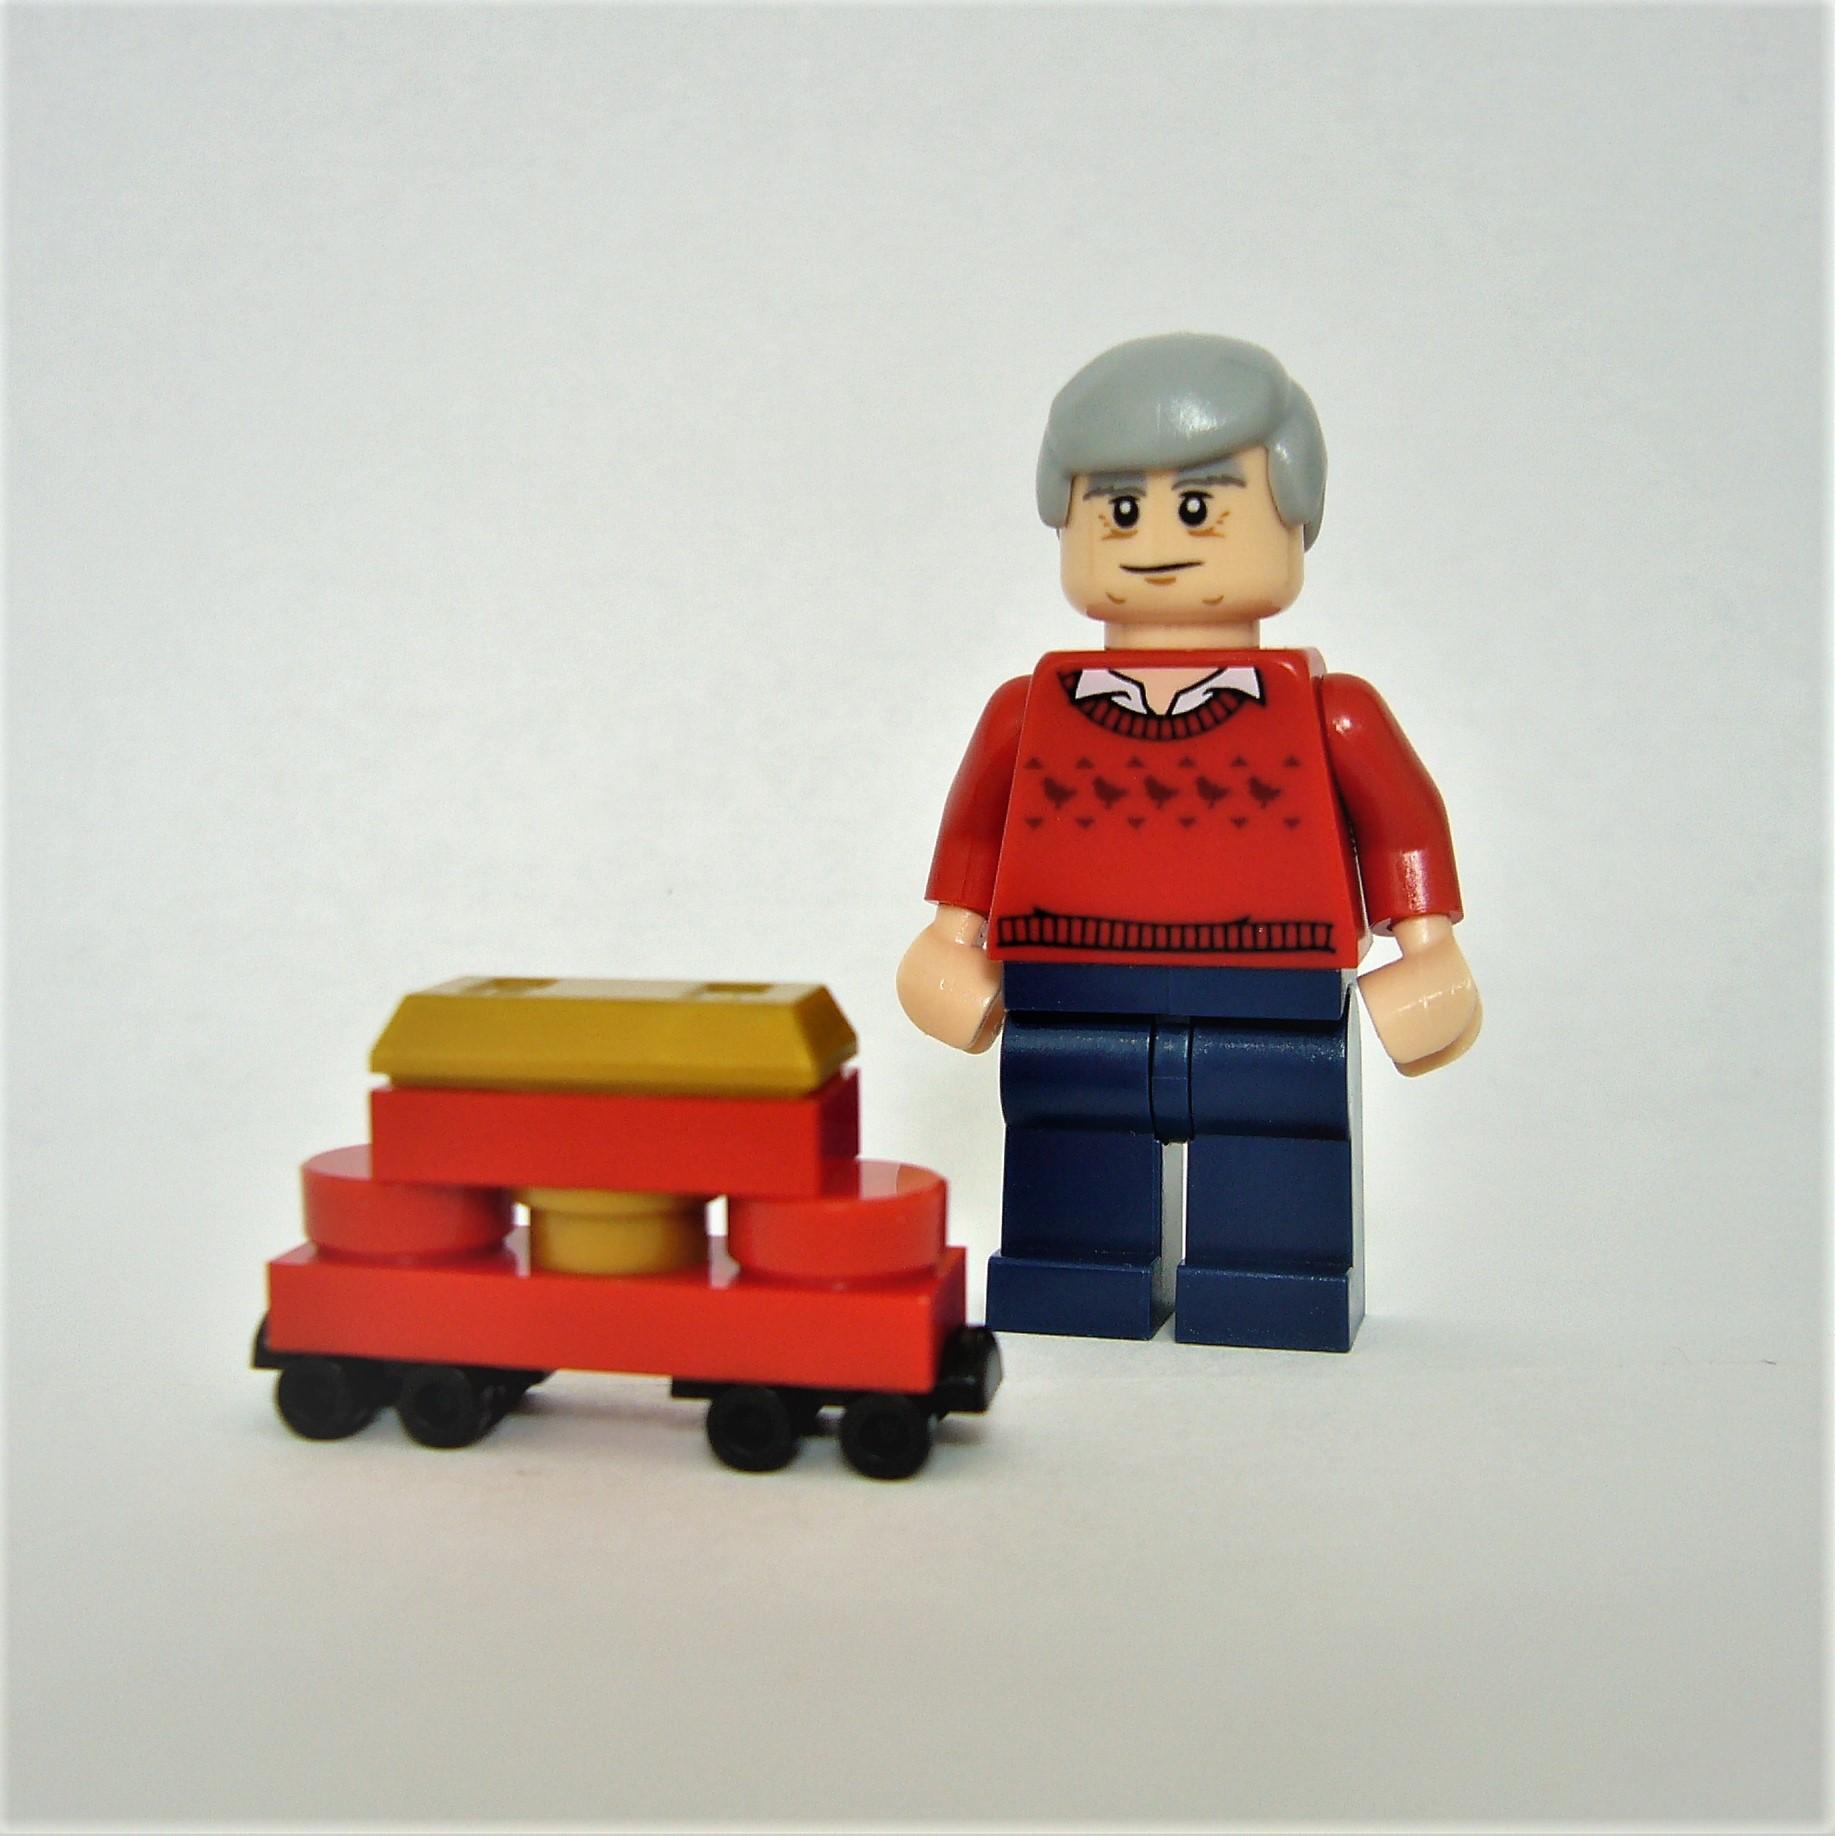 Mr Rogers Minifigure